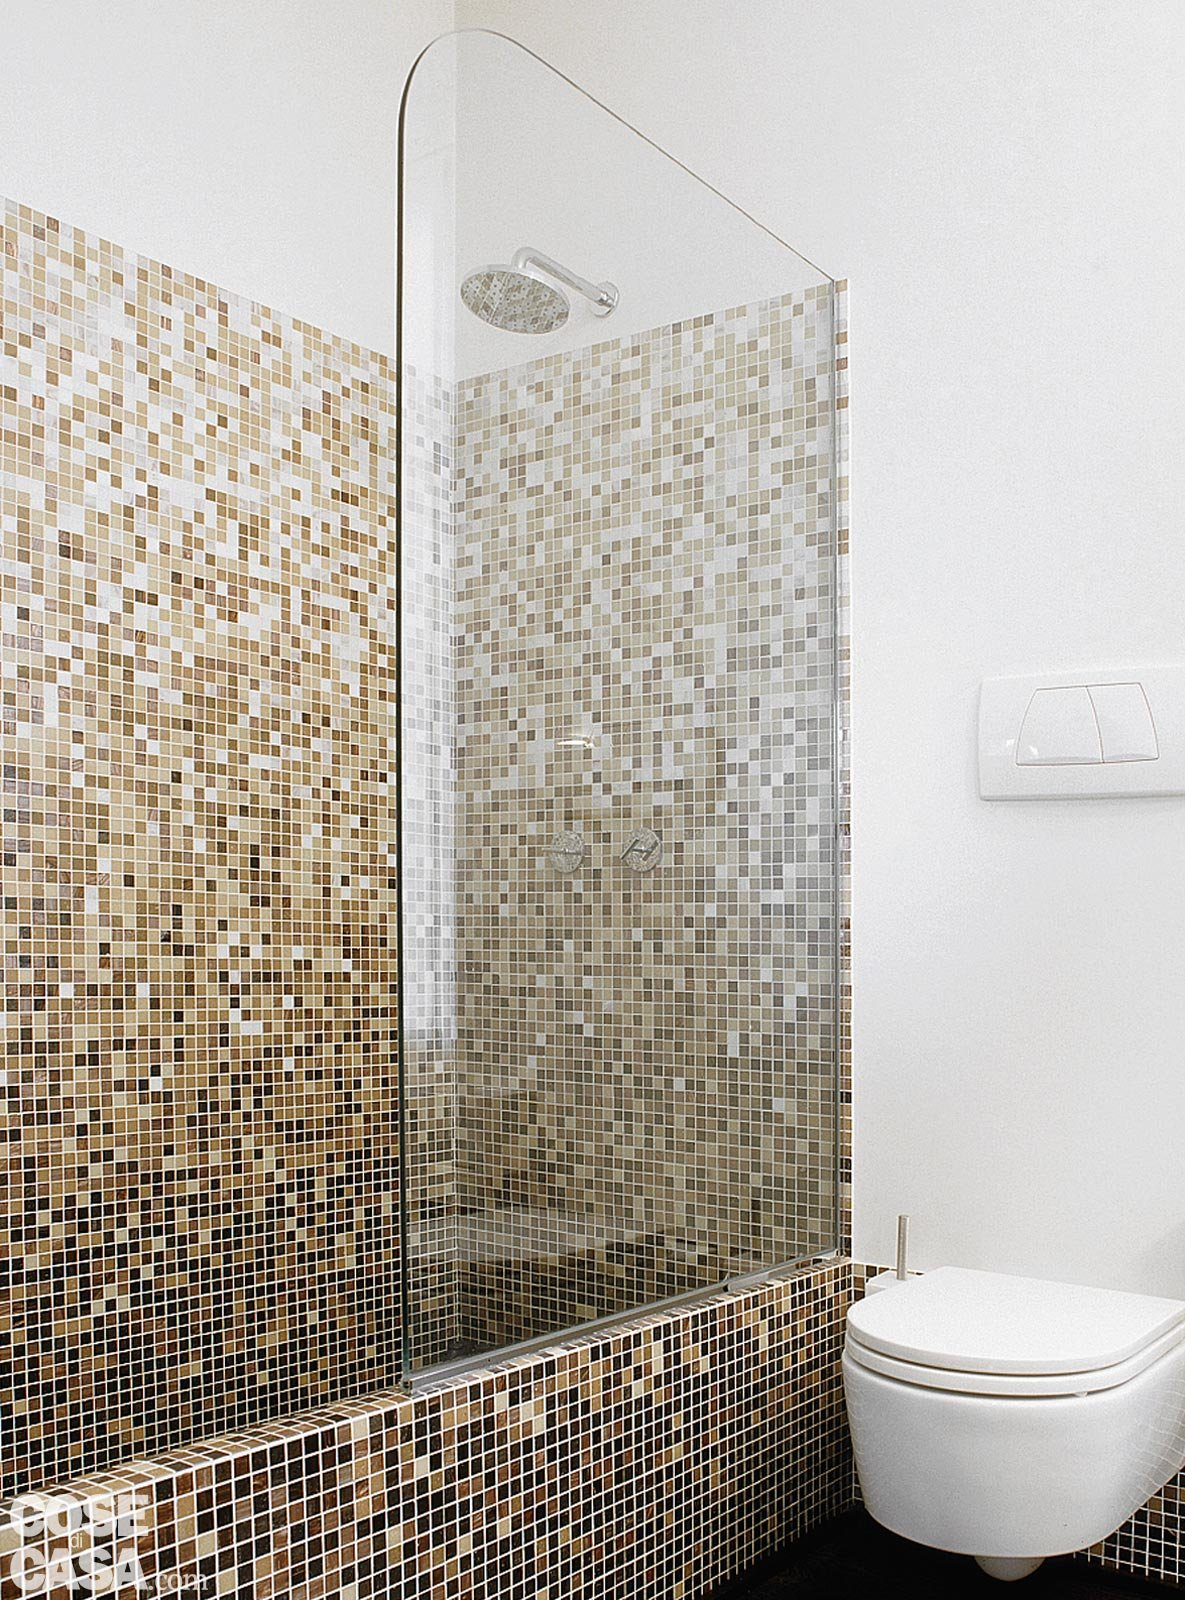 La casa triplica con il recupero del sottotetto cose di casa - Modelli di vasche da bagno ...